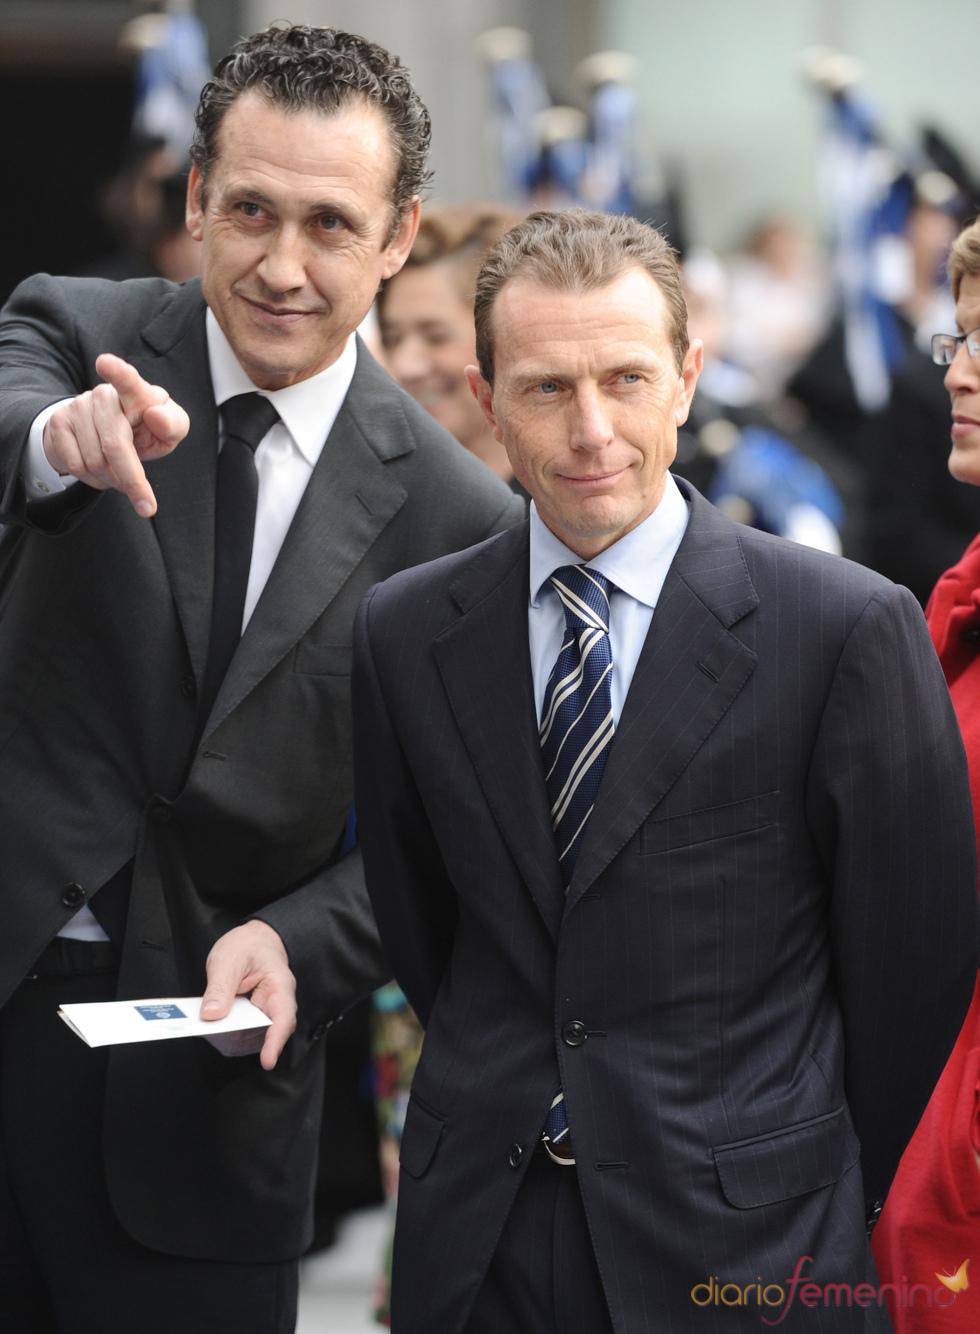 Jorge Valdano y Emilio Butragueño en los premios Príncipe de Asturias 2010